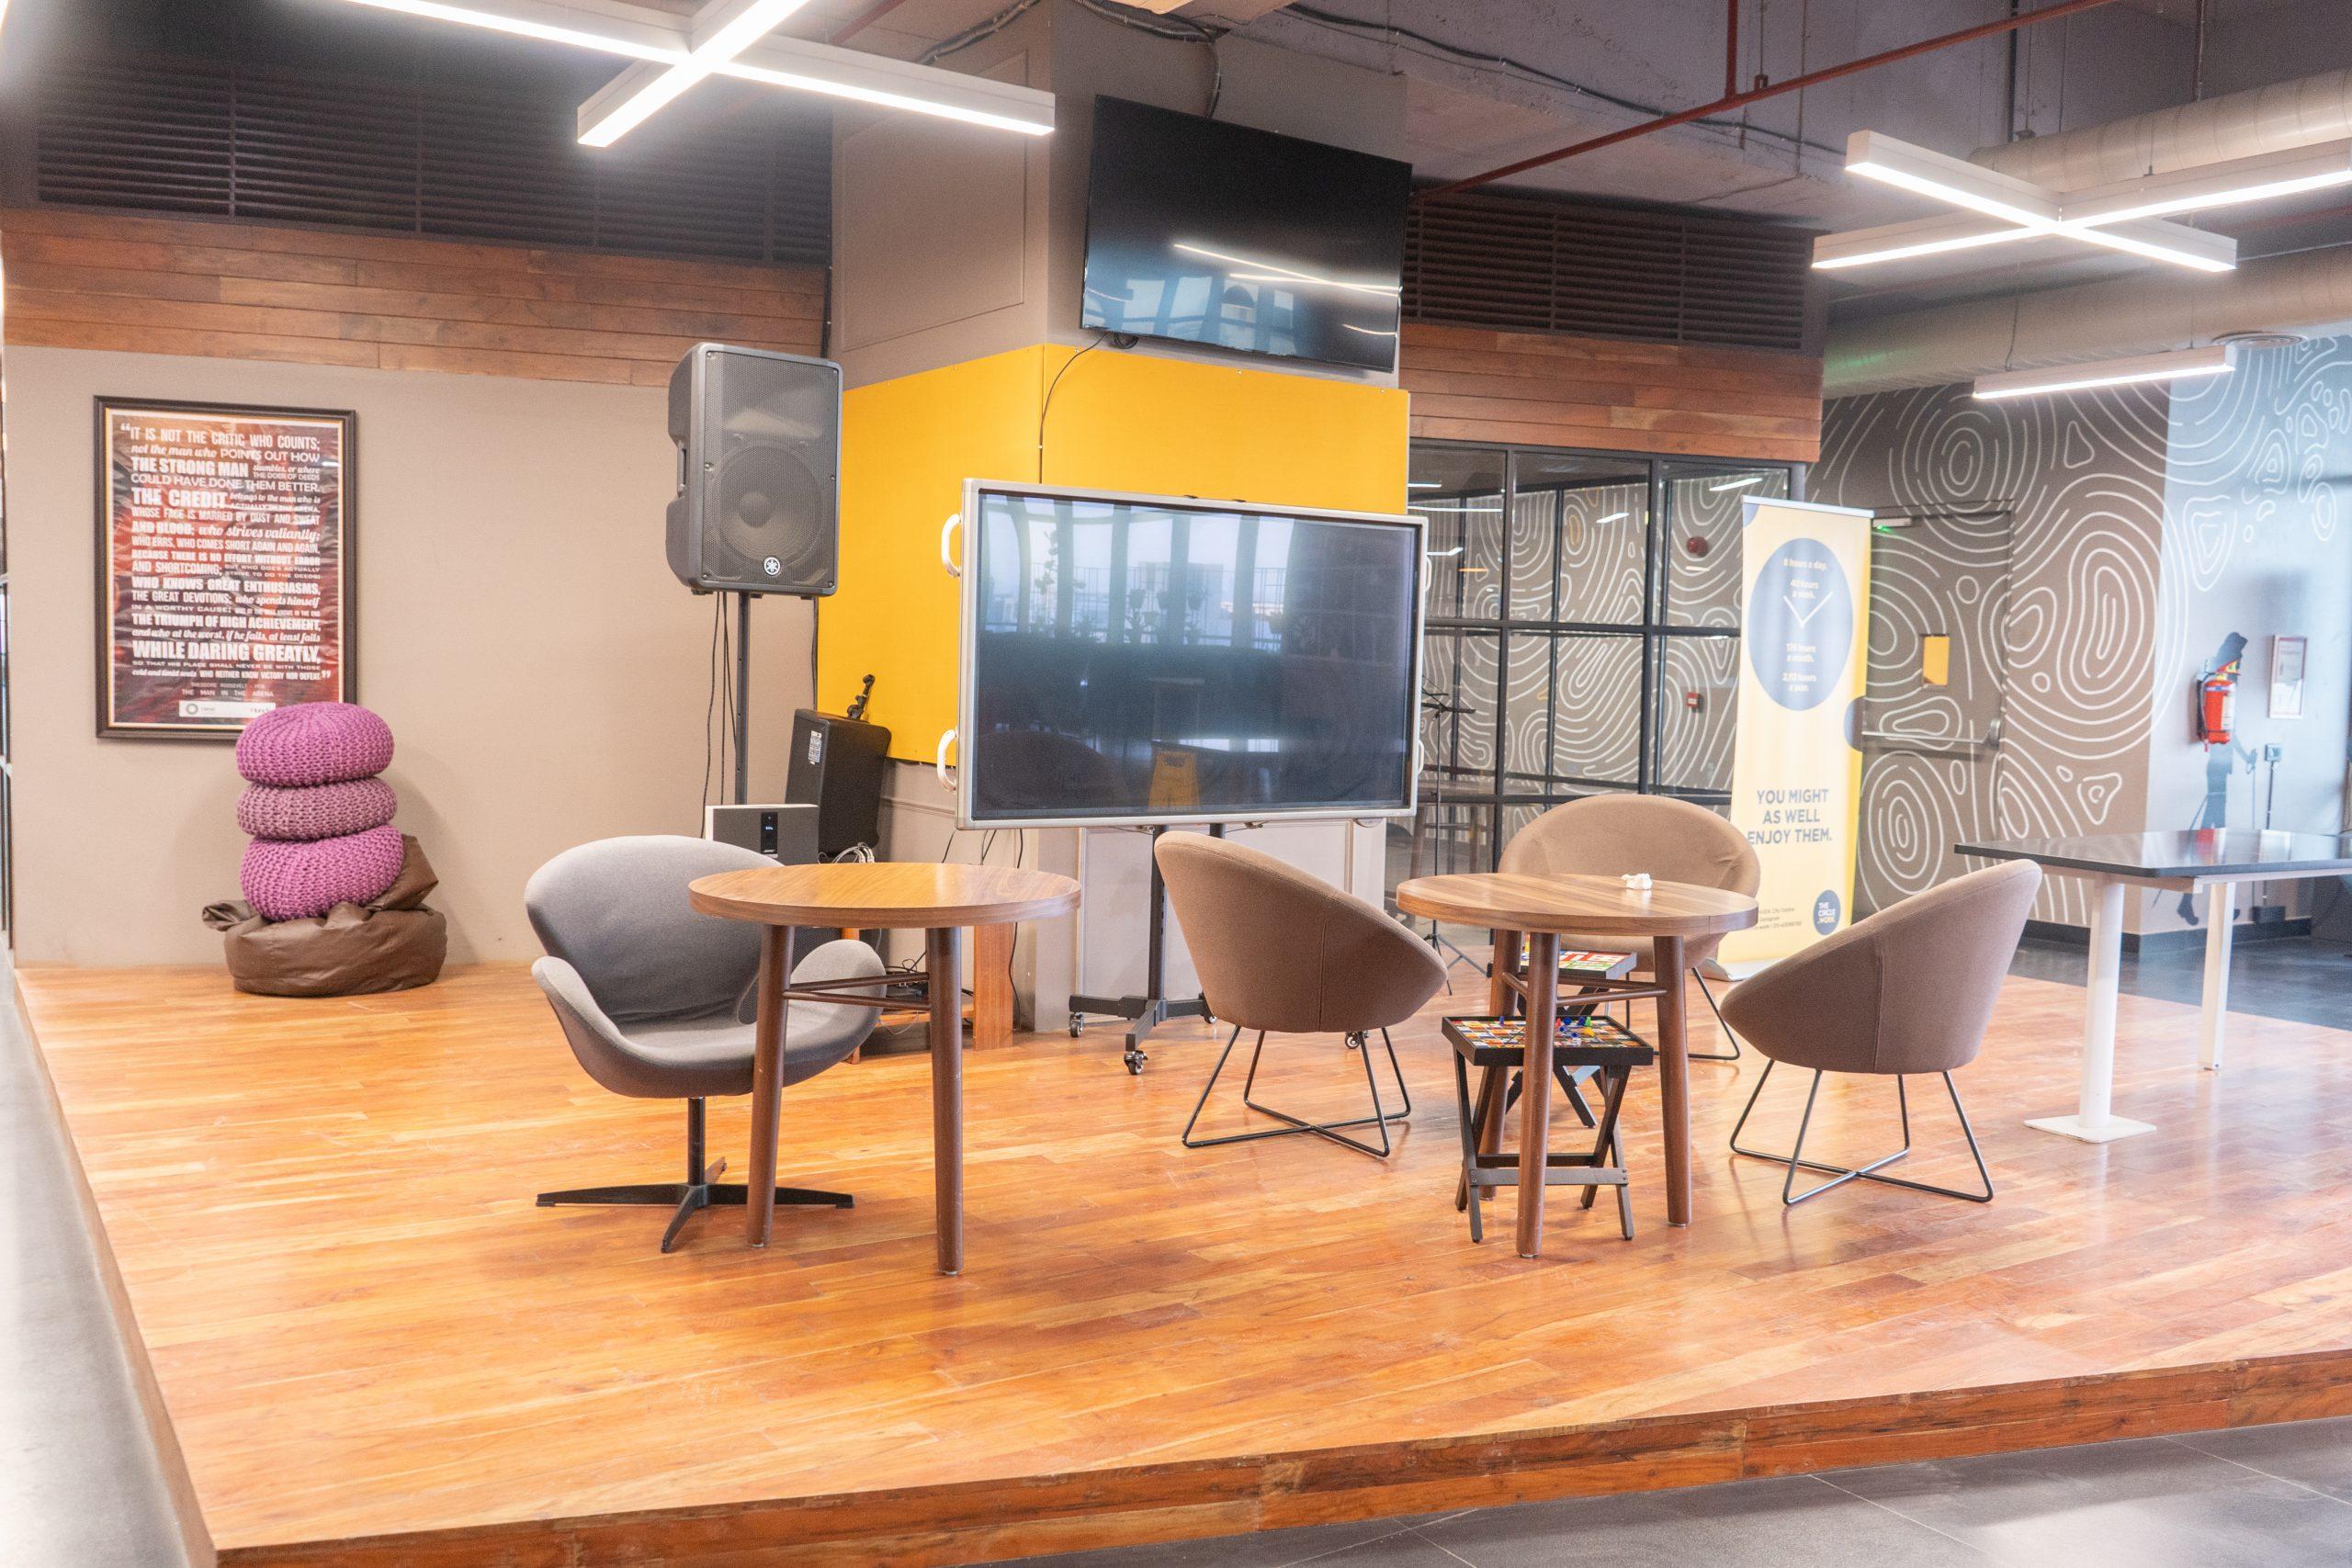 Office hangout place